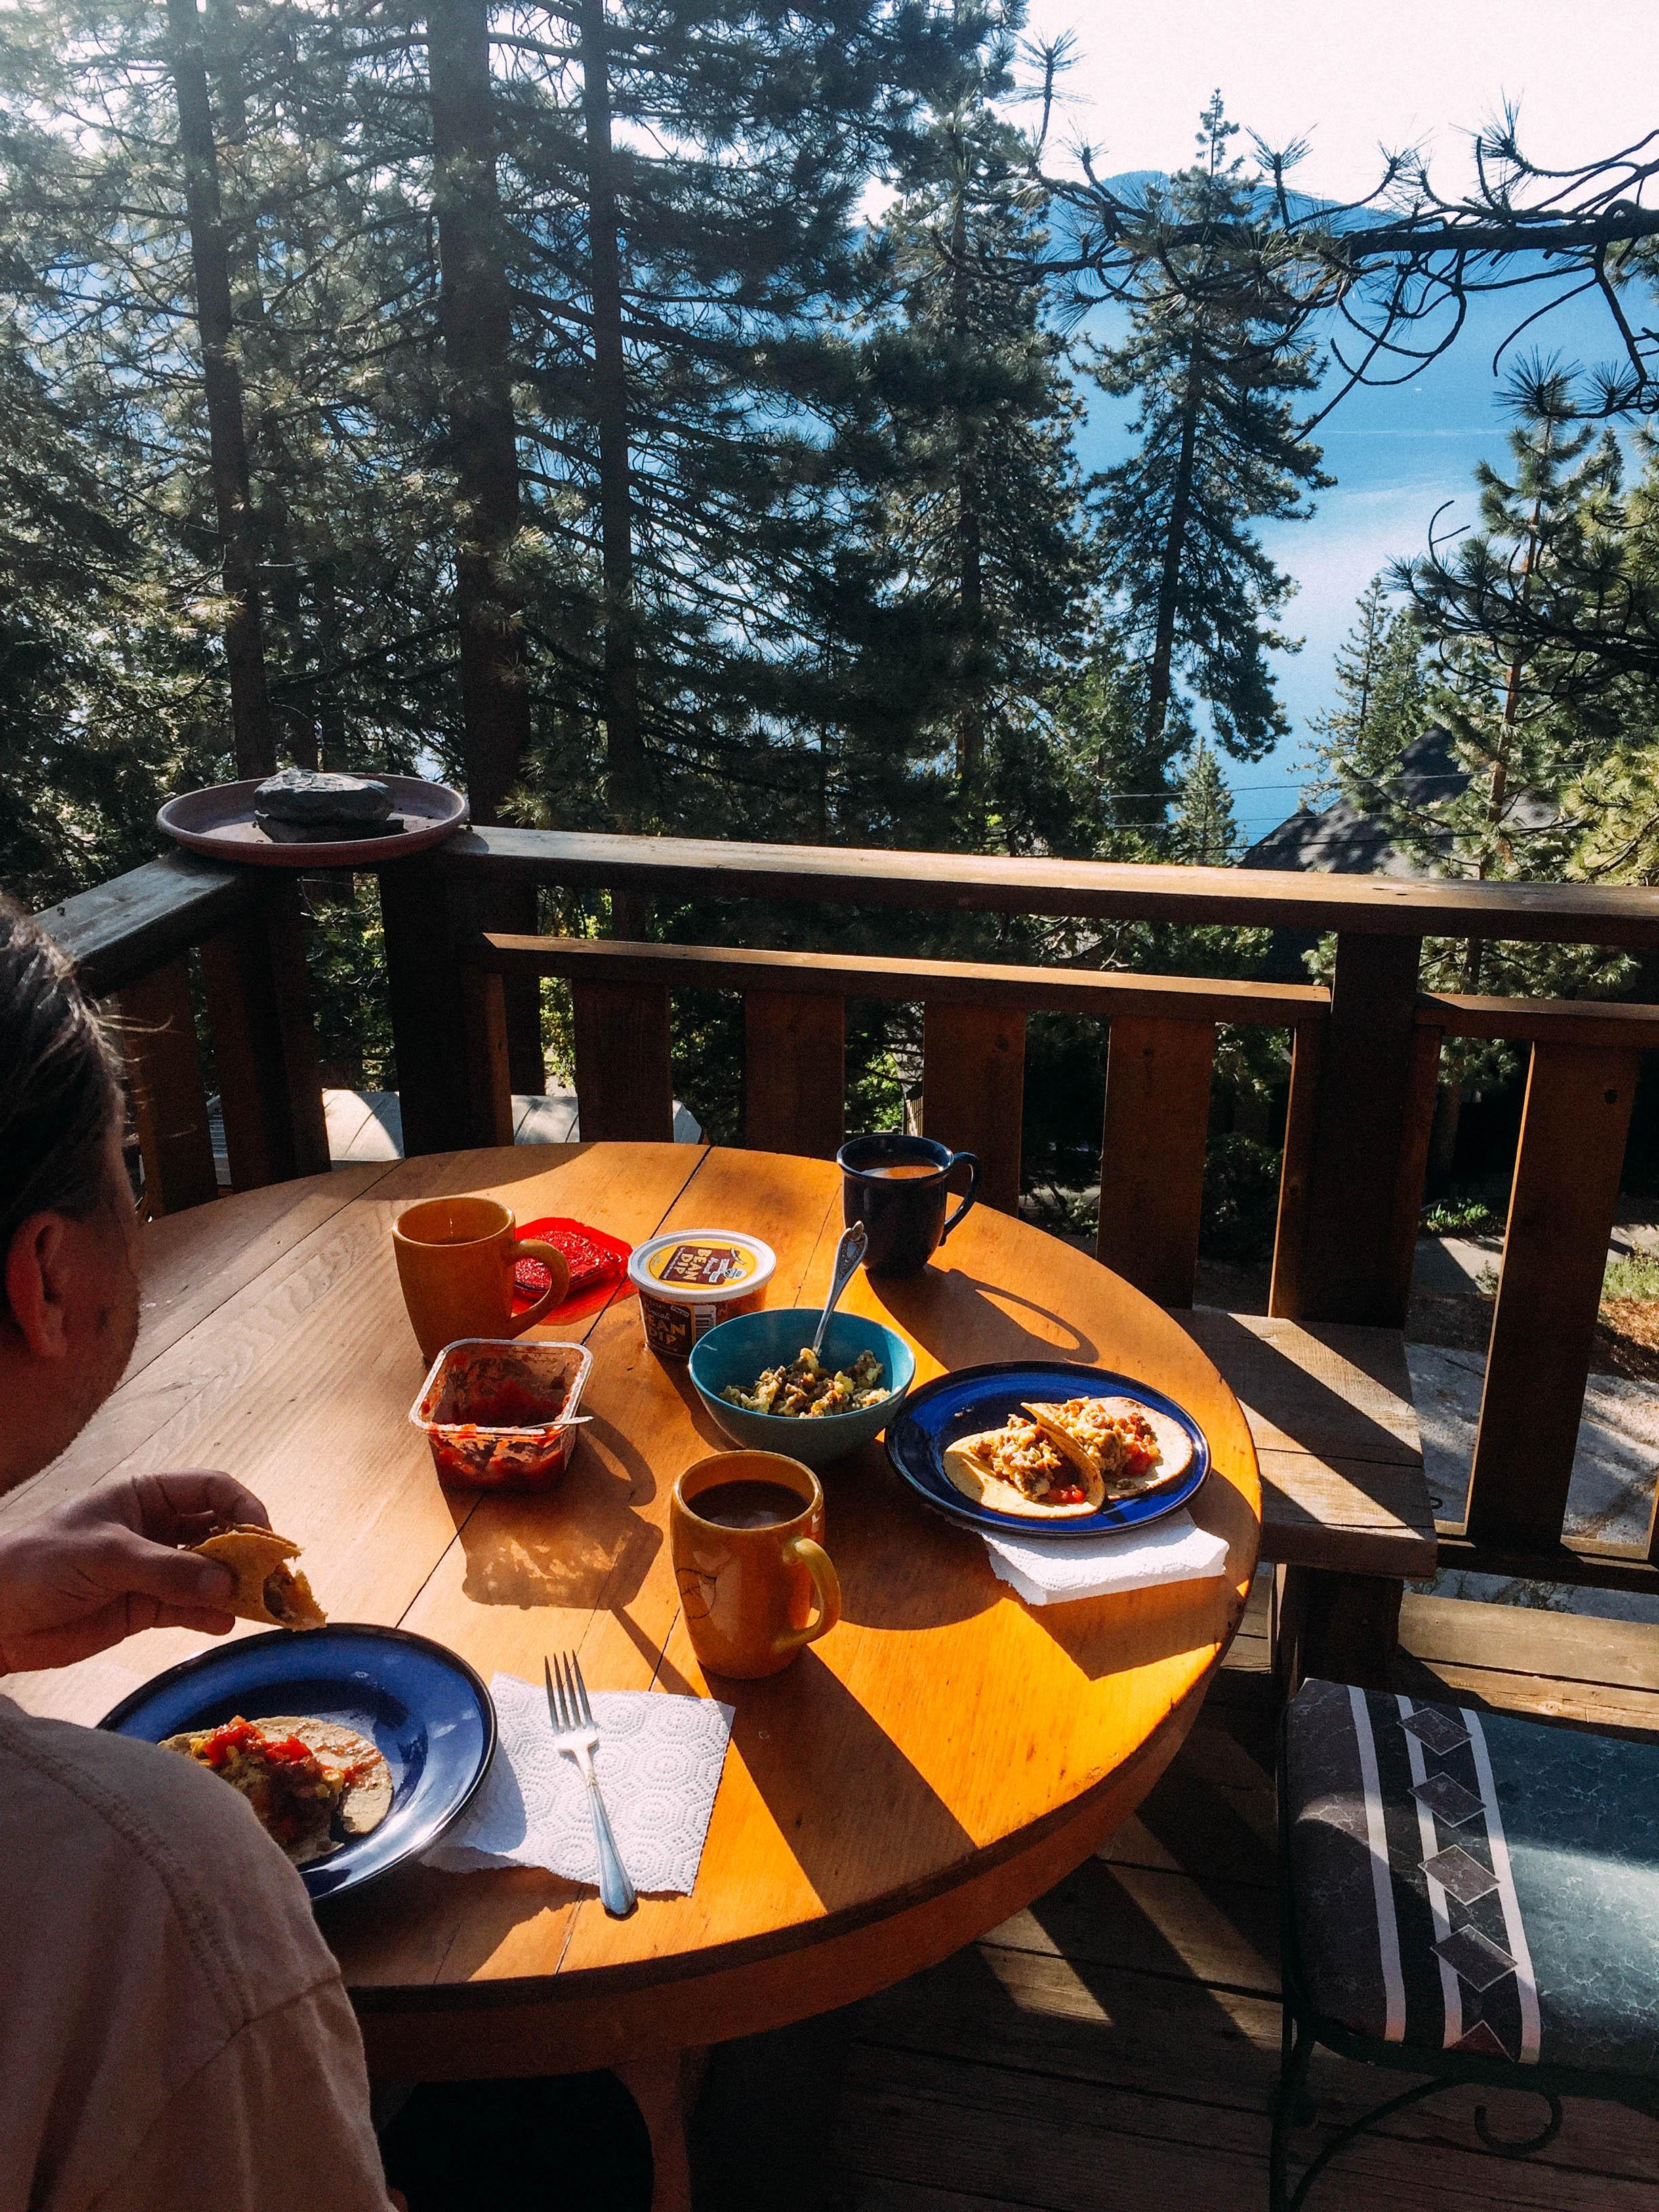 tahoe vw road trip-quinnsplace_27.jpg